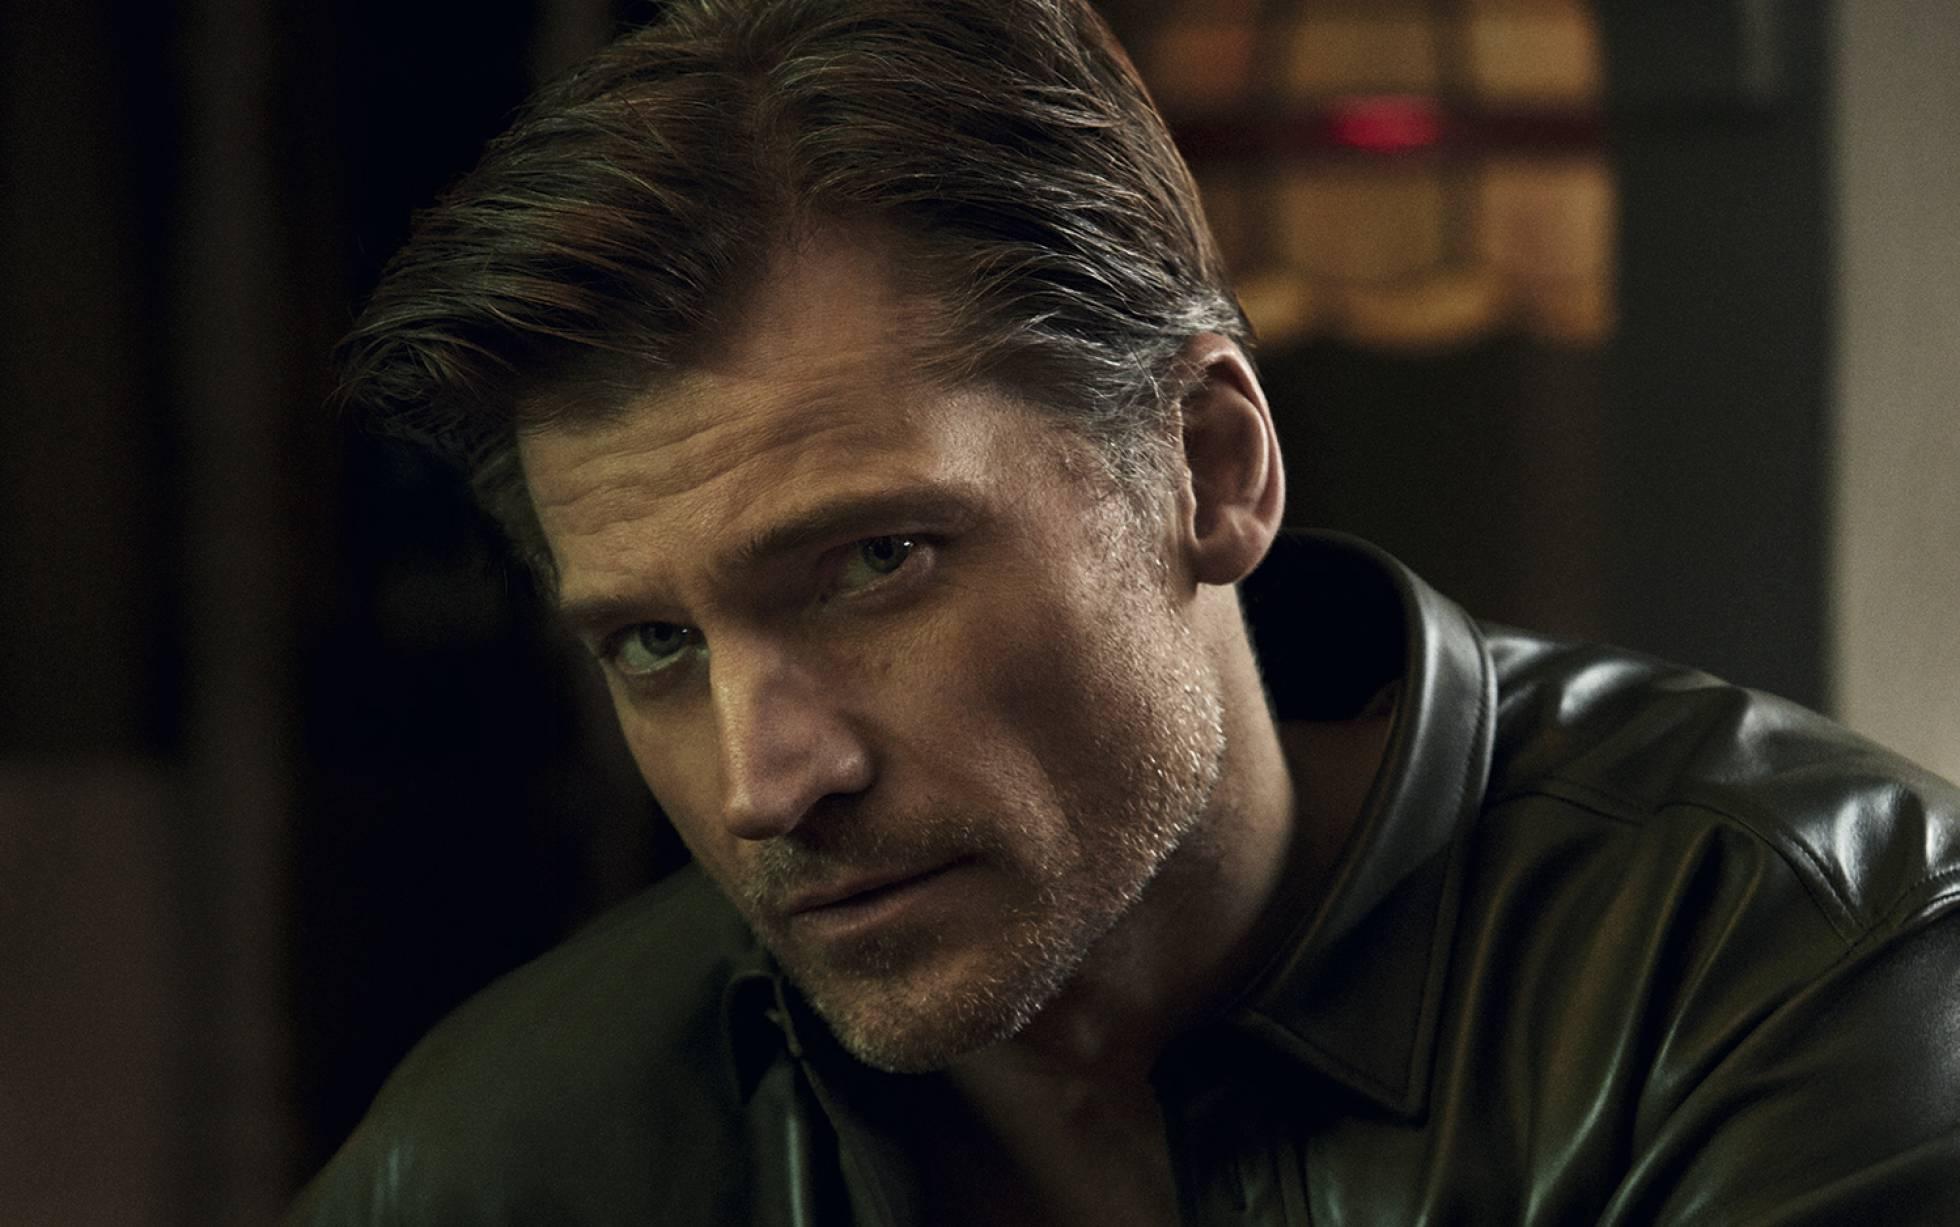 Nikolaj Coster-Waldau (Jaime Lannister): alergia a Hollywood y guiones de 'Juego de tronos' que se autodestruyen